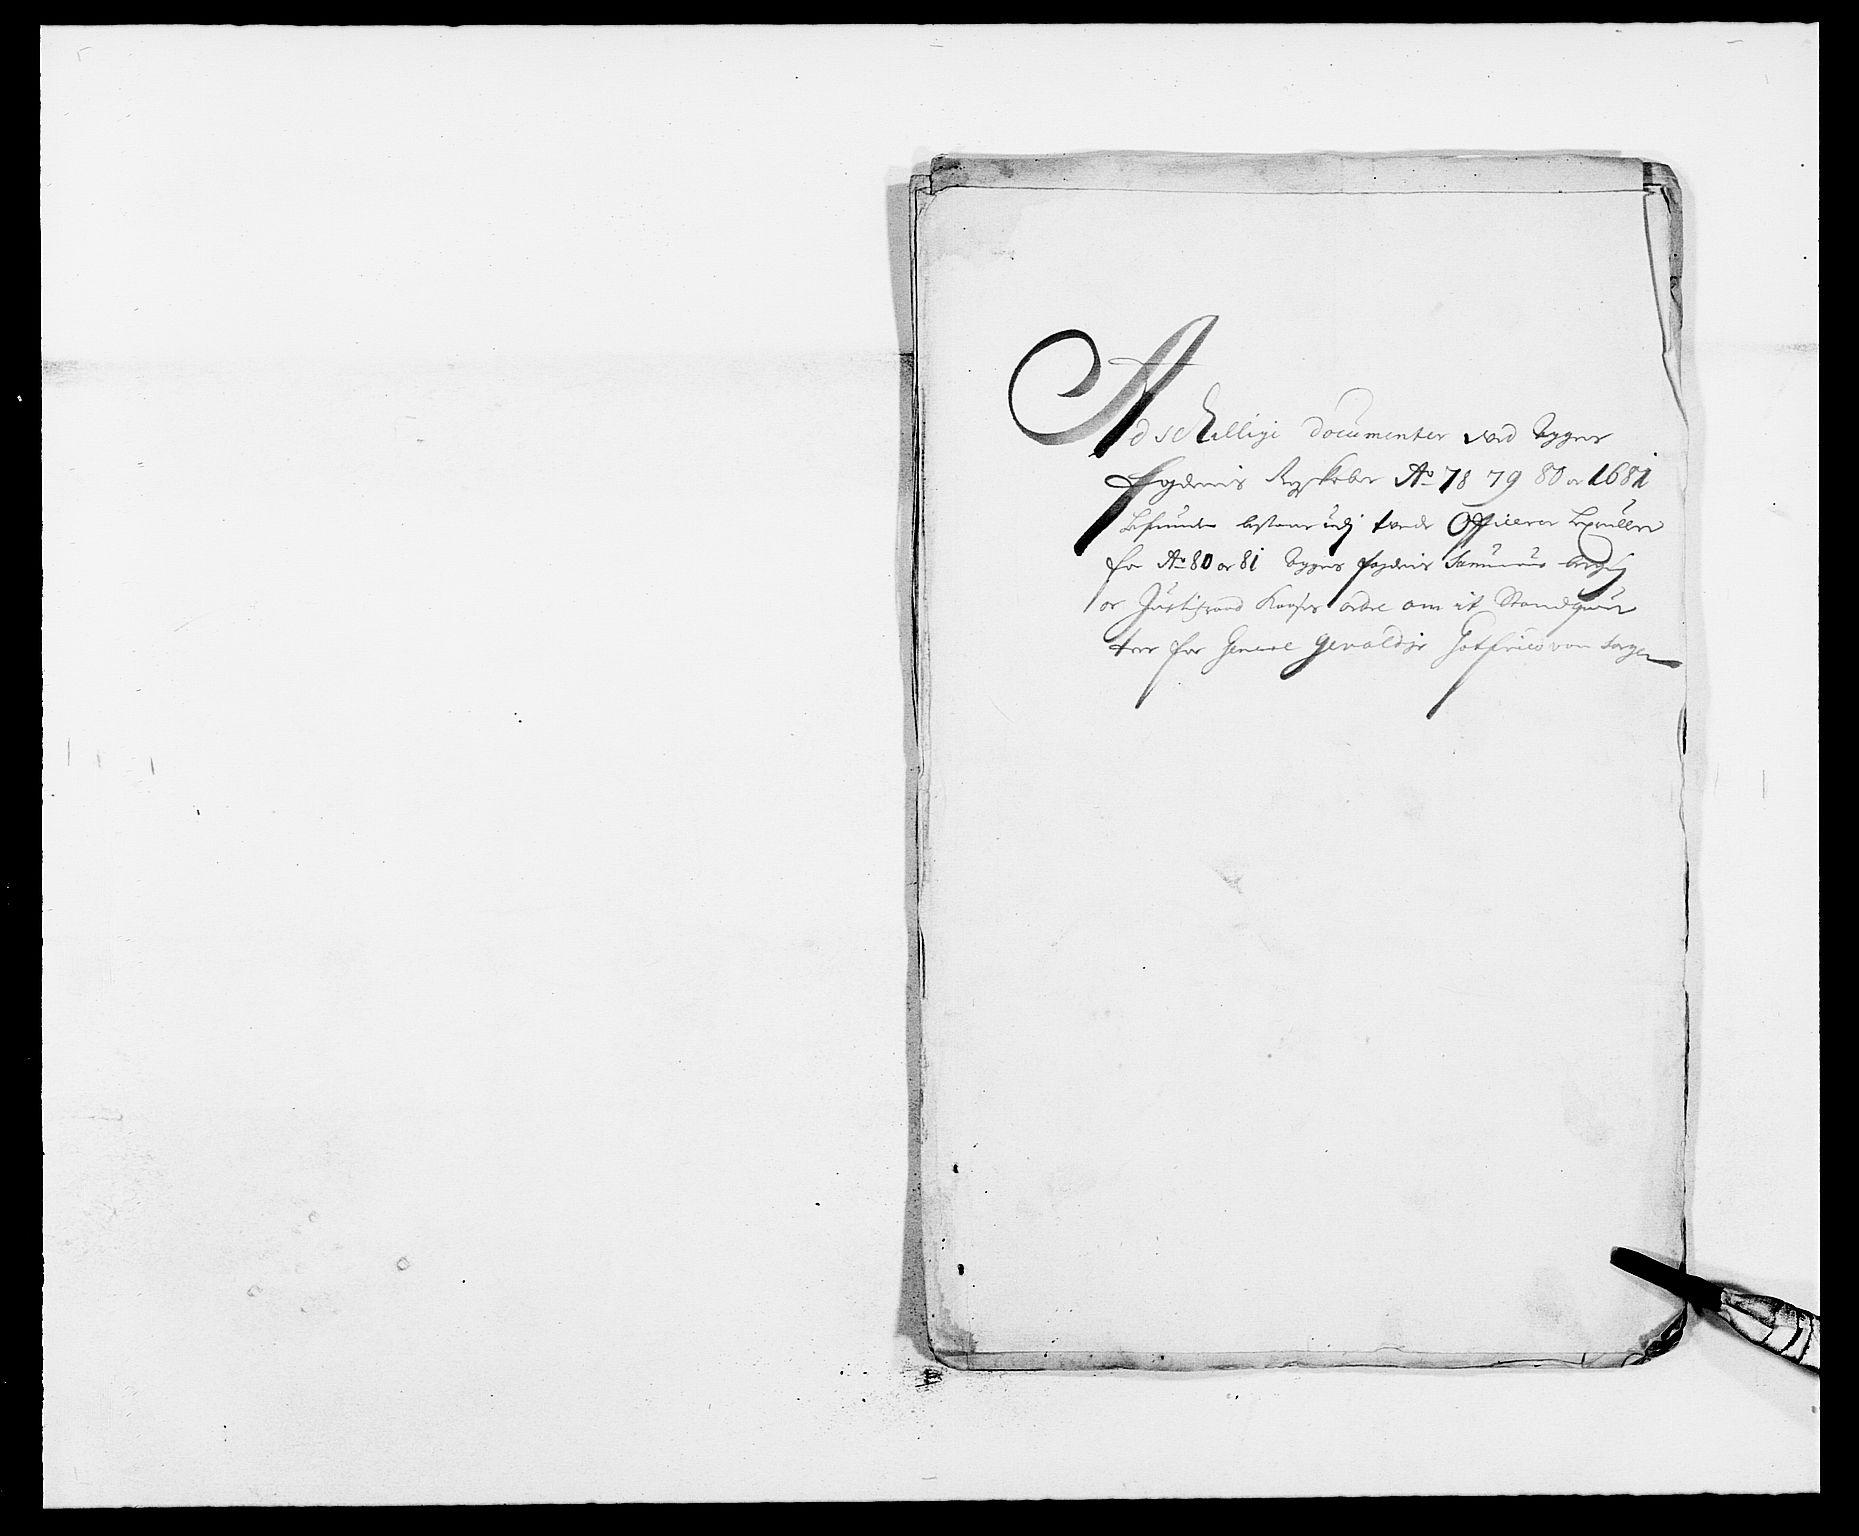 RA, Rentekammeret inntil 1814, Reviderte regnskaper, Fogderegnskap, R08/L0416: Fogderegnskap Aker, 1678-1681, s. 141